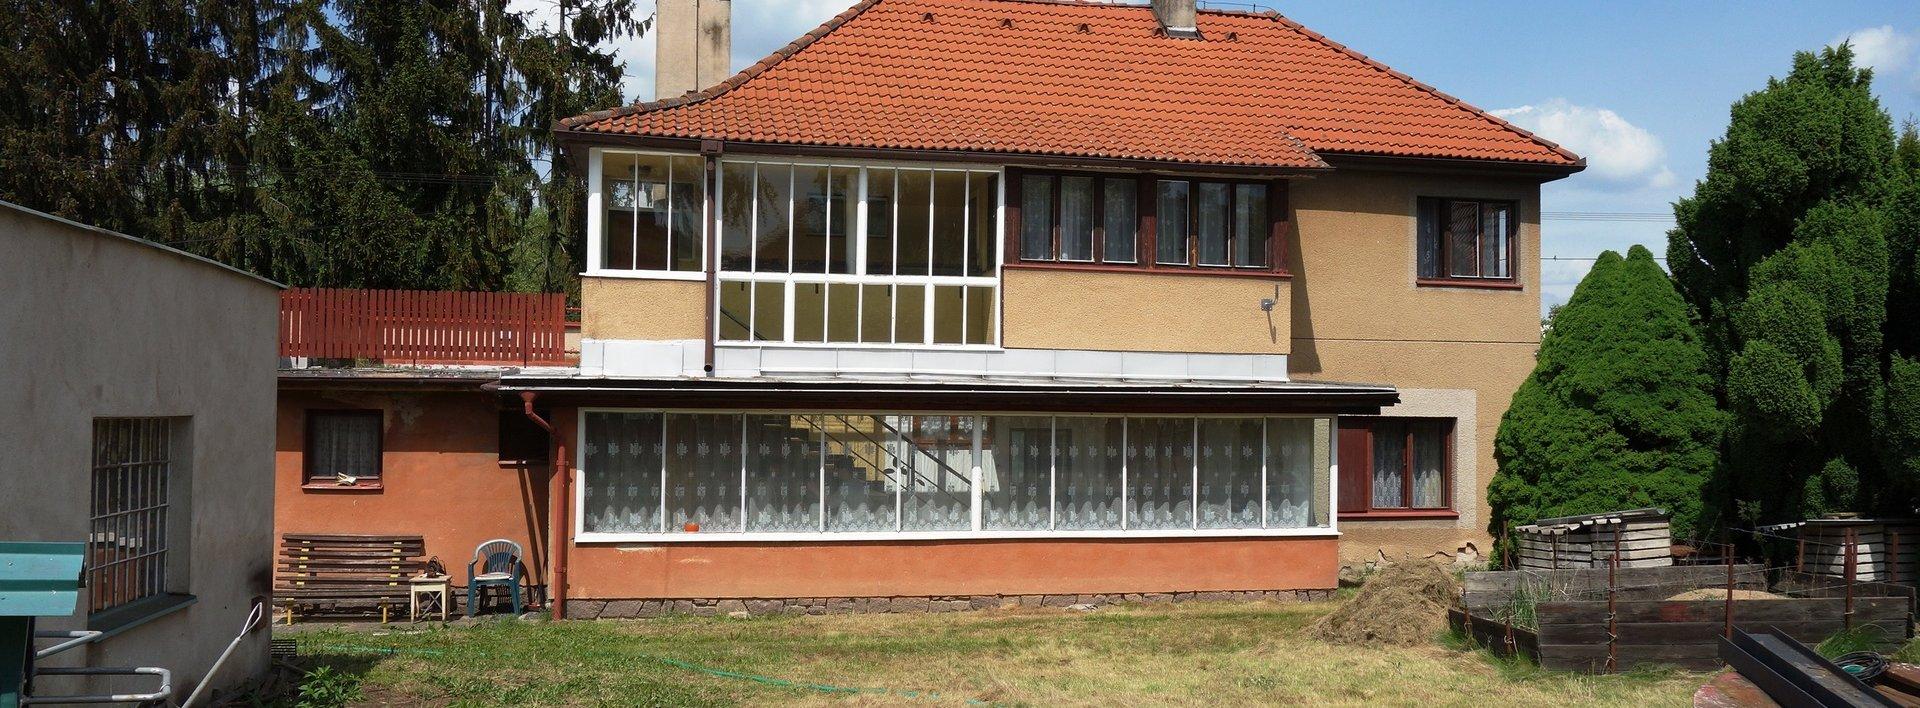 Dvougenerační dům v Kojicích, 1287 m2